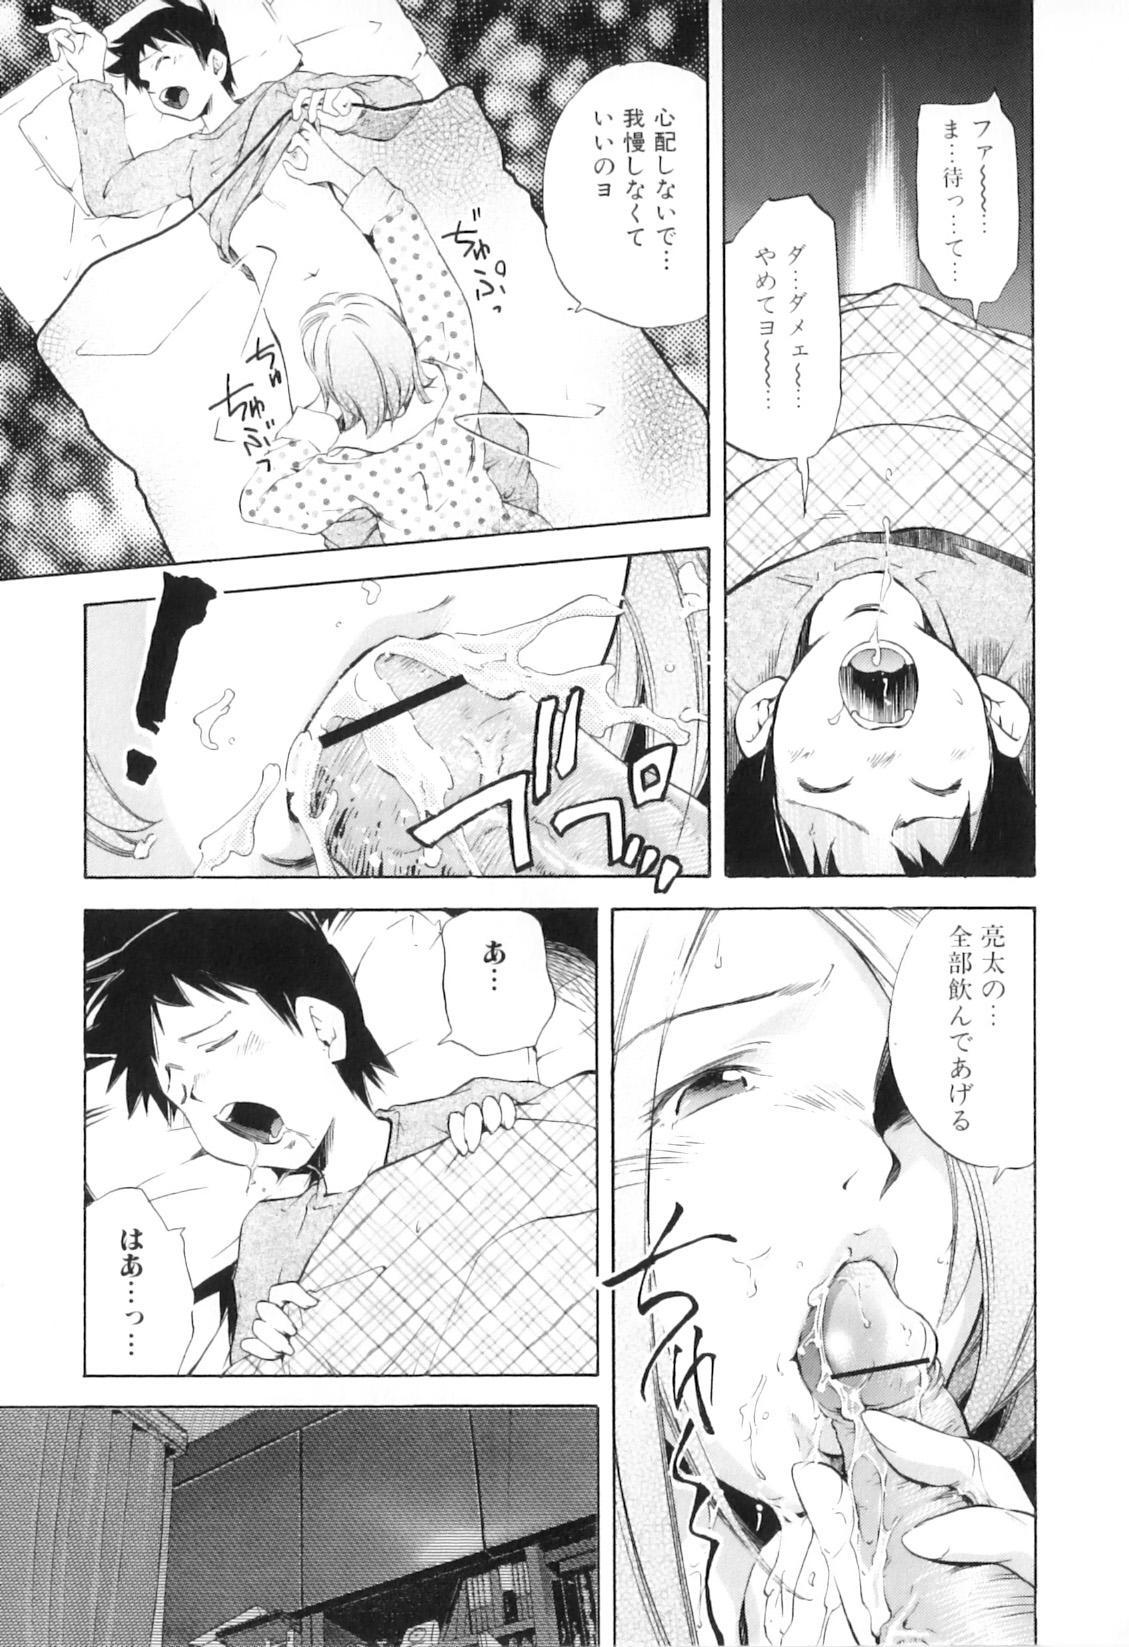 Yokujou Boshi - Desire Mother and Child 88